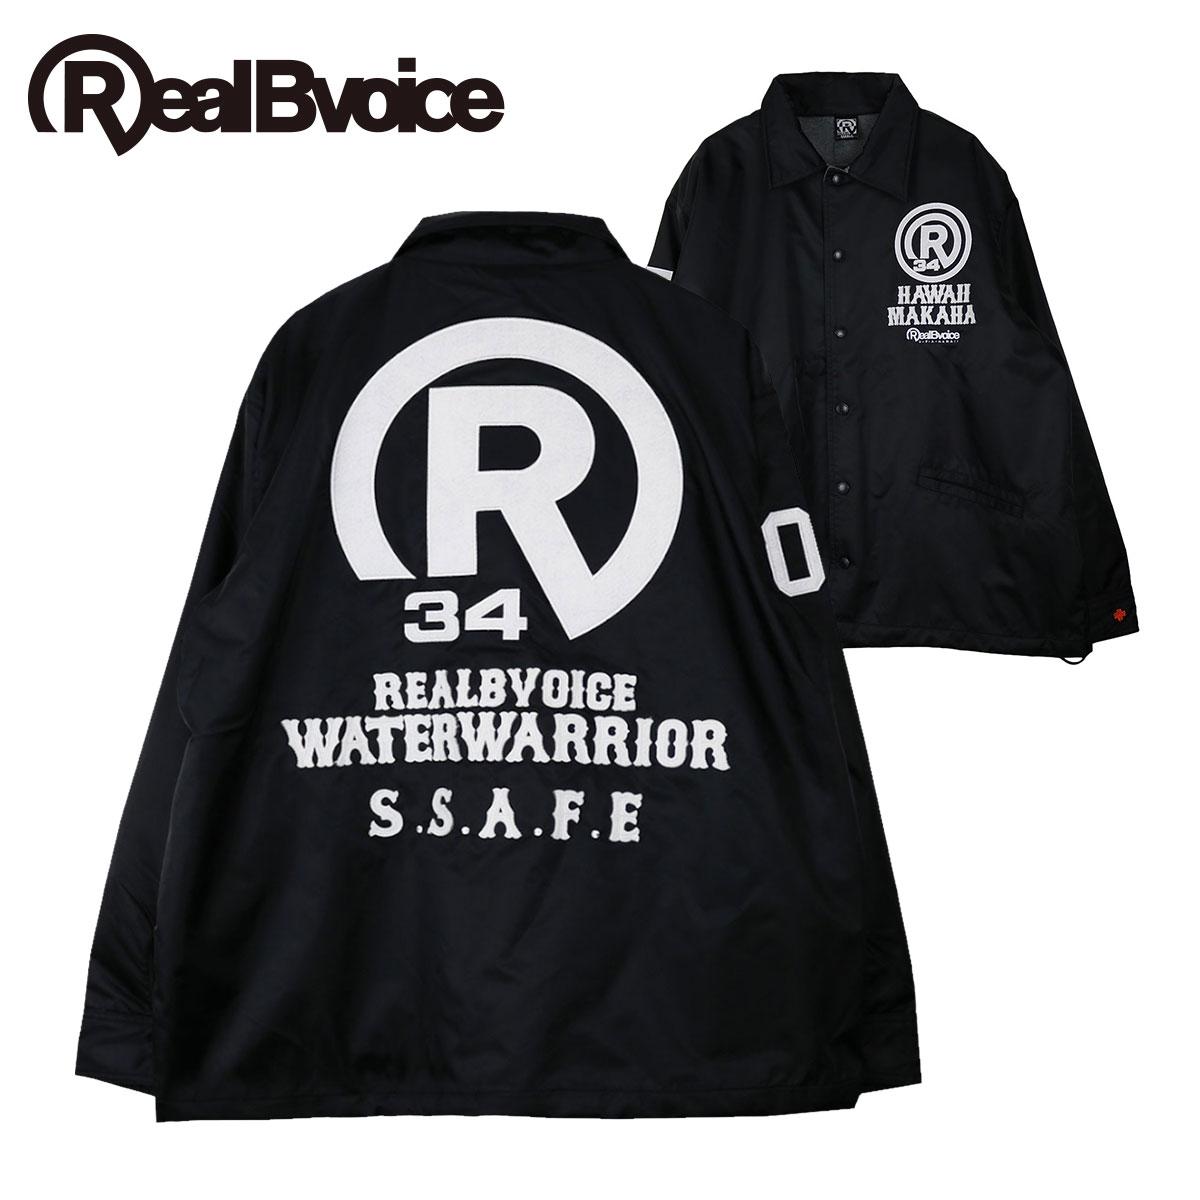 リアルビーボイス RealBvoice 2019 メンズ アウター ナイロンコーチジャケット R MARK 34 FELT NYLON JACKET